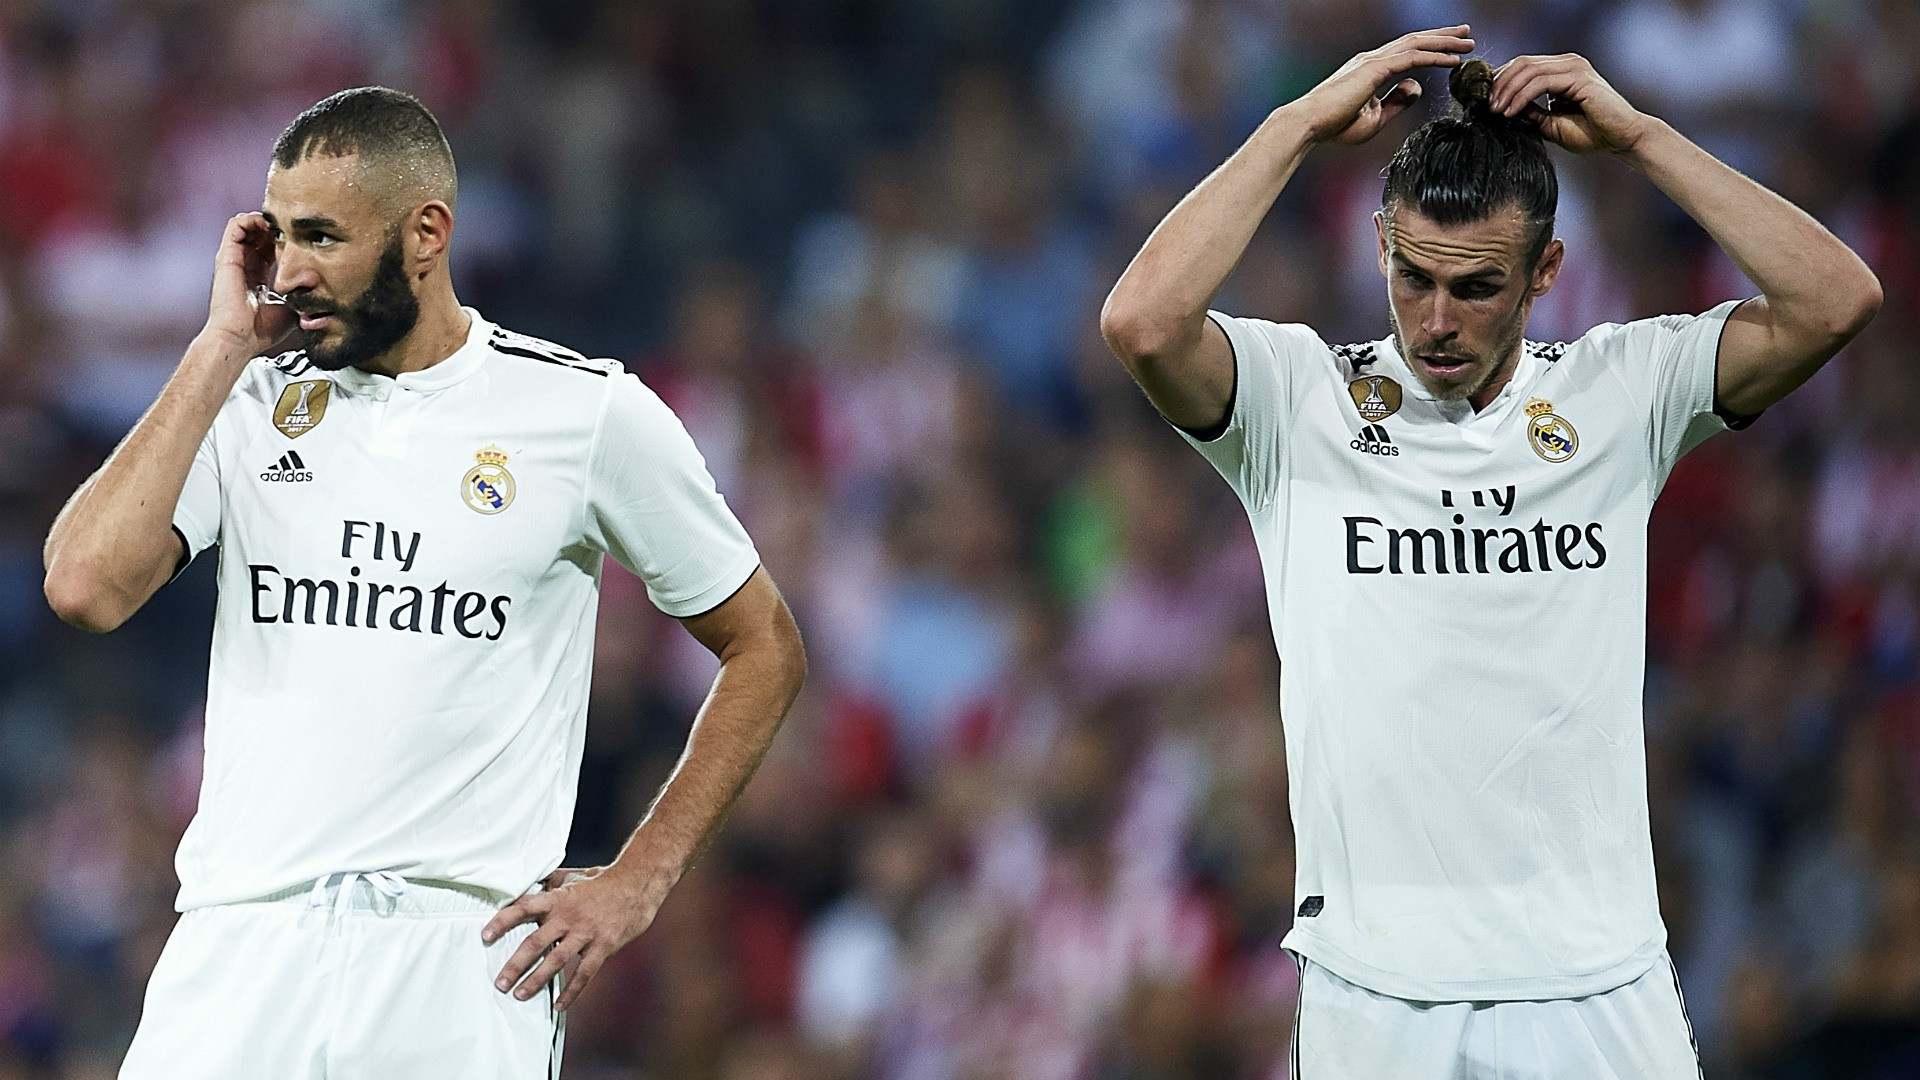 Không còn Ronaldo, ngôi sao nào ghi bàn nhiều nhất cho Real tại El Clasico? - Ảnh 5.